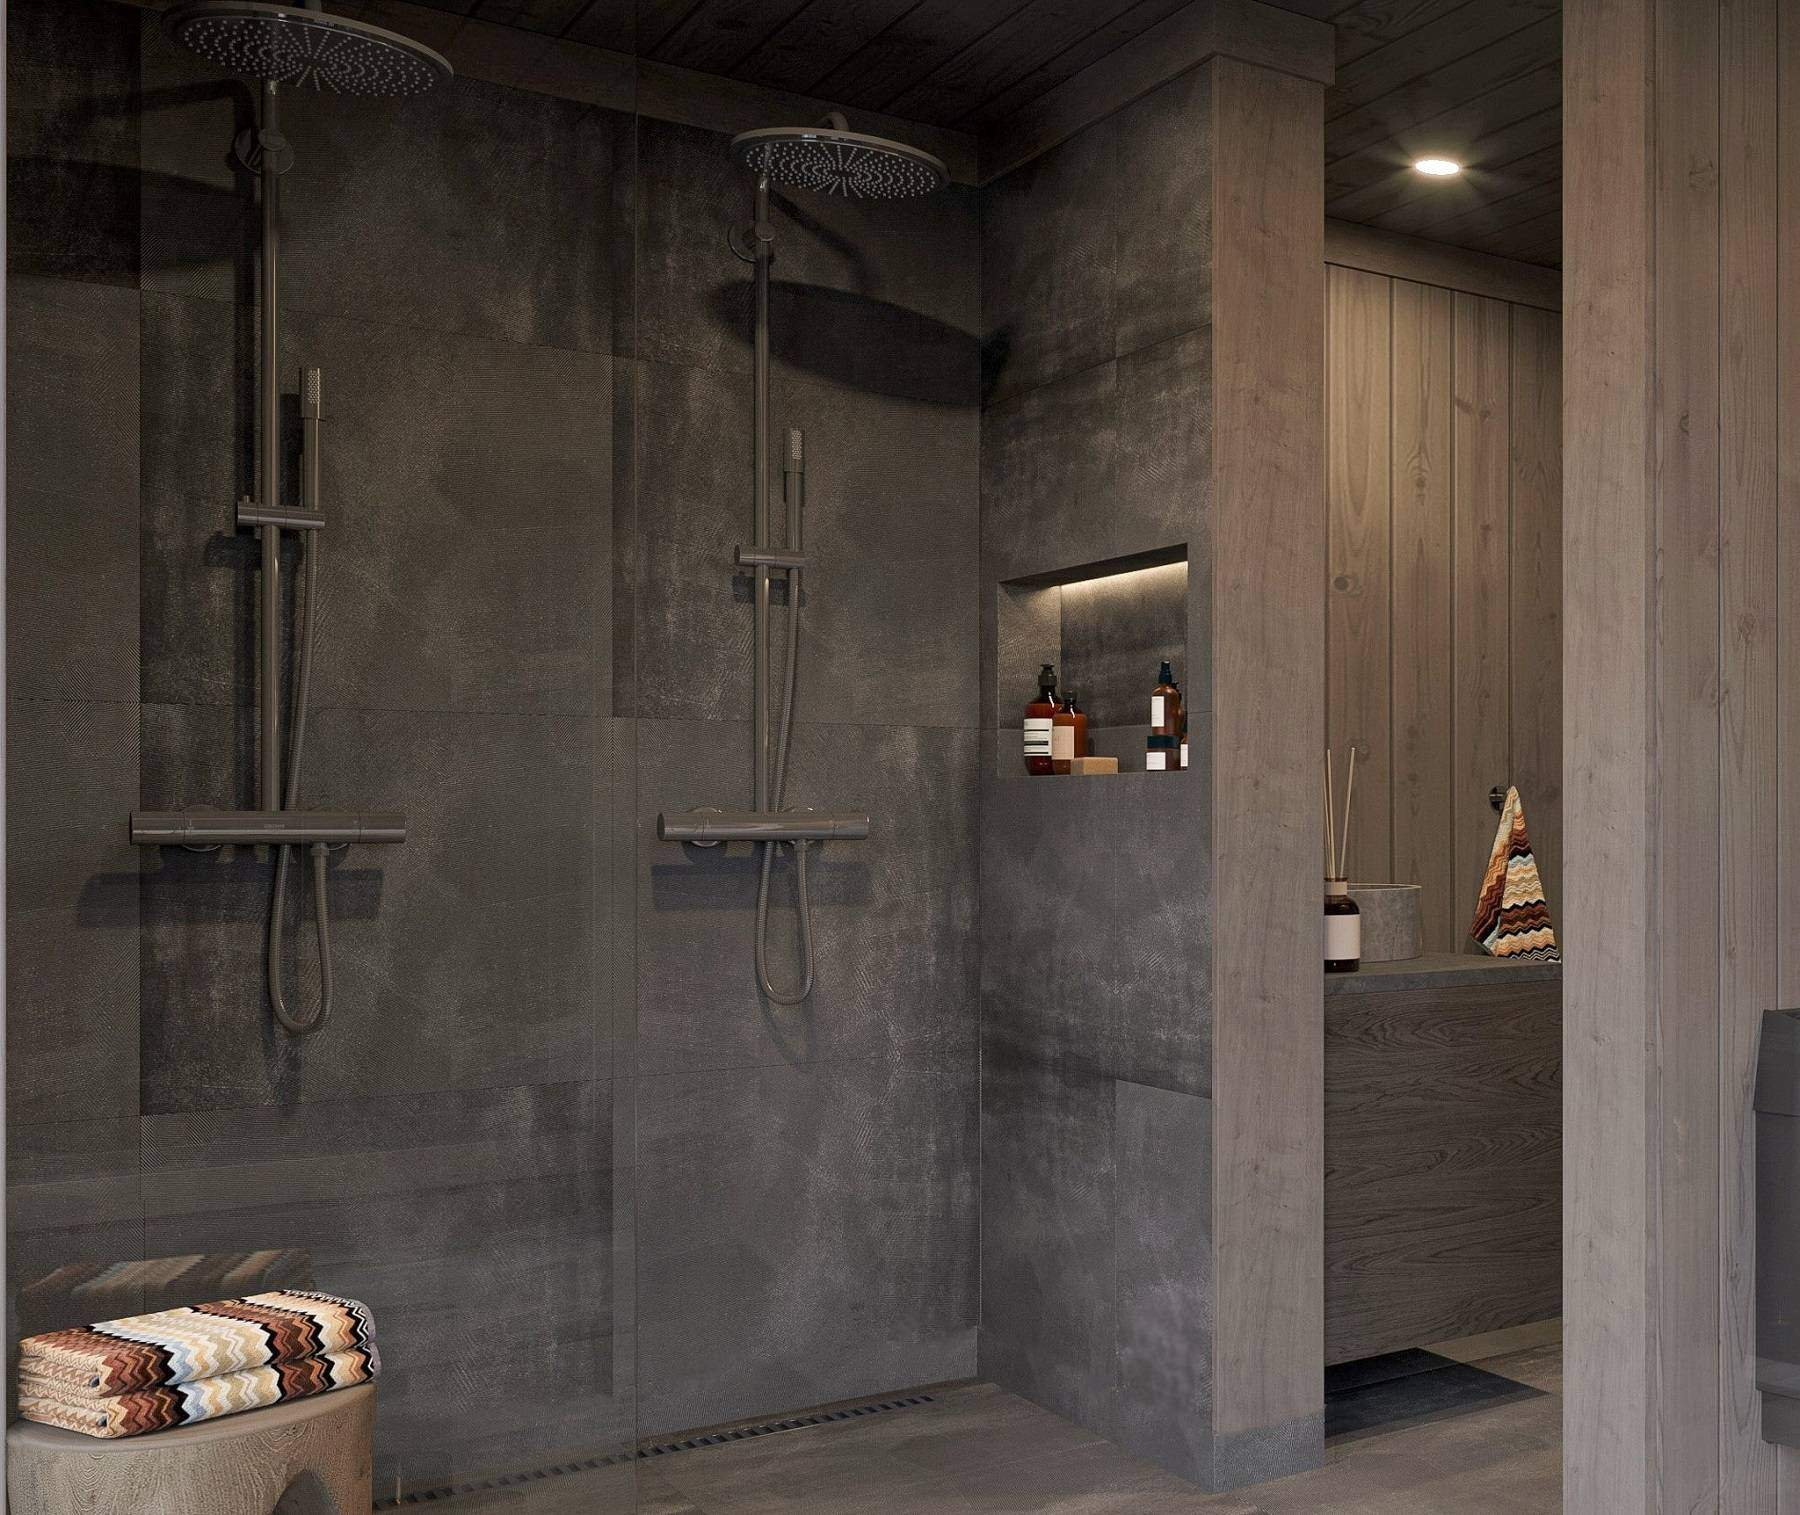 212 Spabadet har dusjone med 2 dusjer. Vaskeservant og klosett i avdelt sone – Hyttemodell Geilo 155